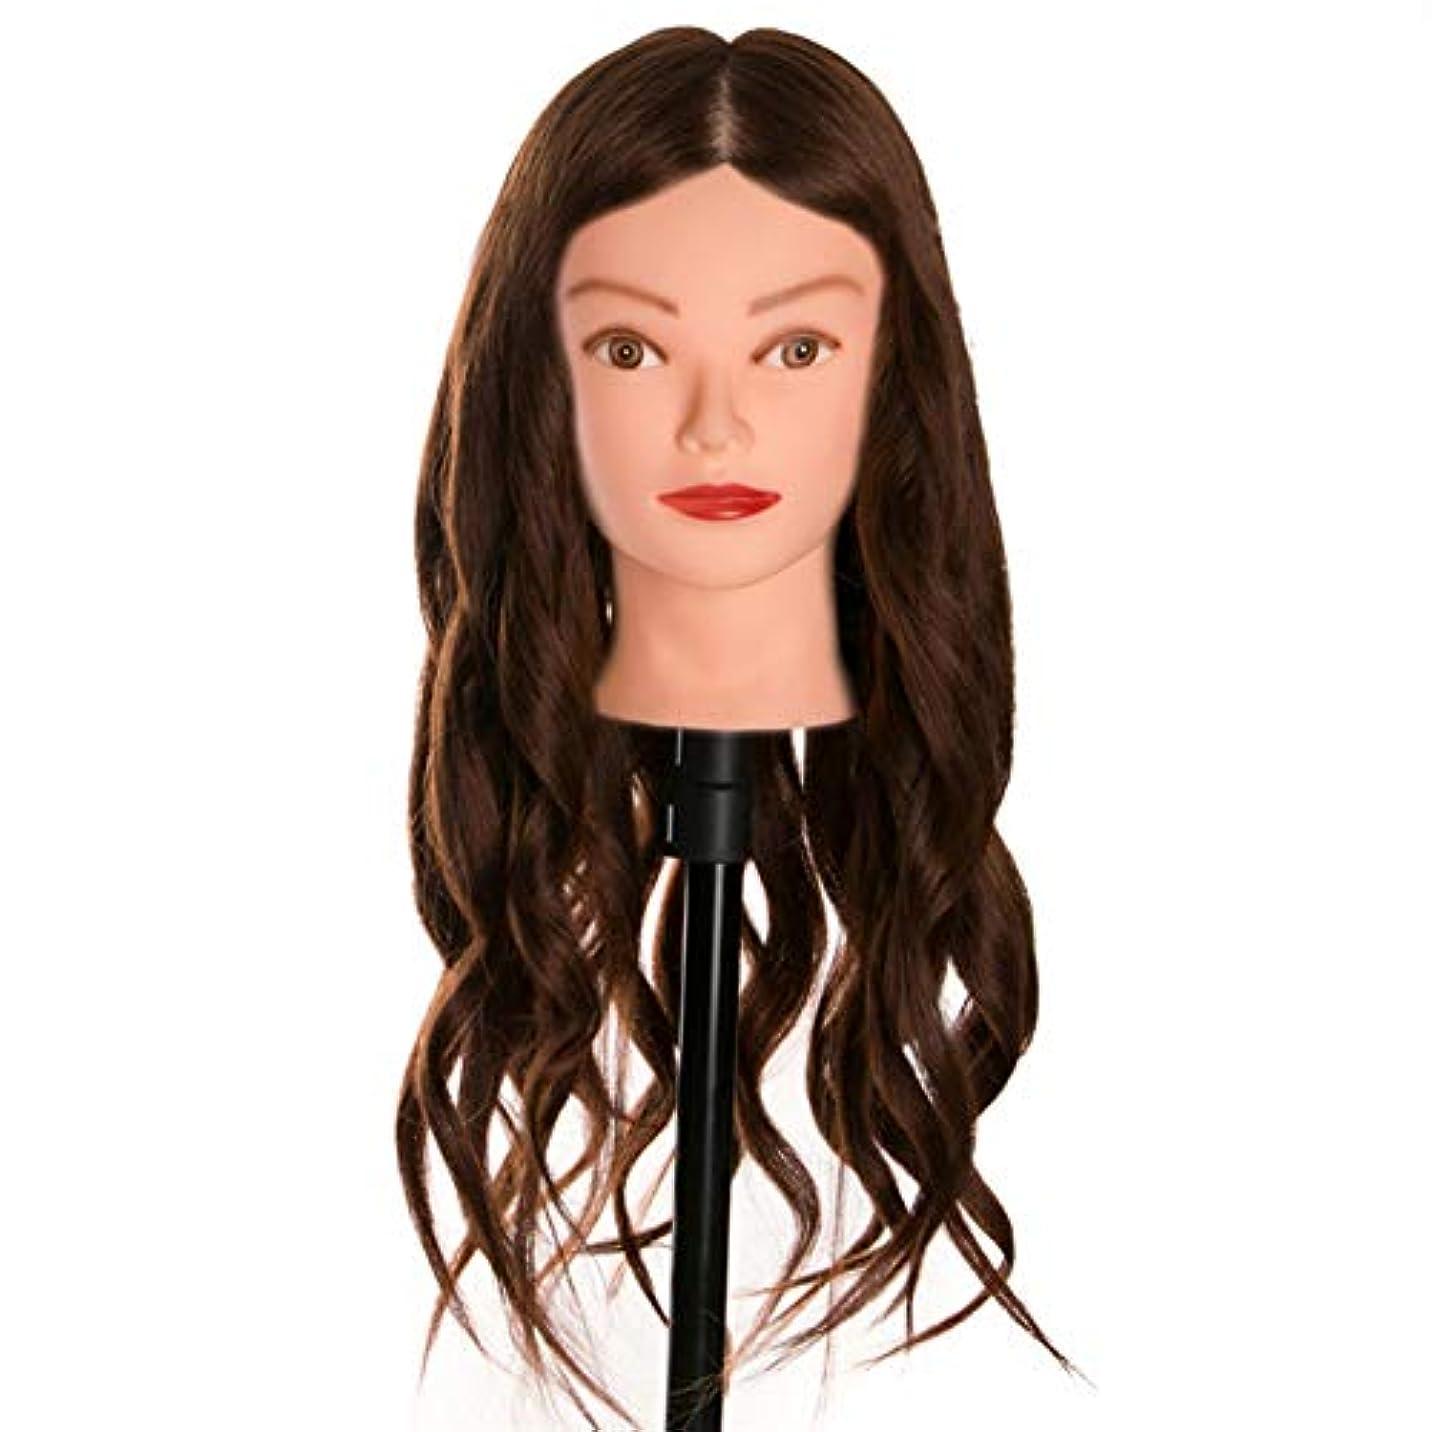 リースメルボルン支給理髪サロンエクササイズヘッド金型メイクディスクヘアスタイリング編み教育ダミーヘッドヘアカットトレーニングかつら金型3個